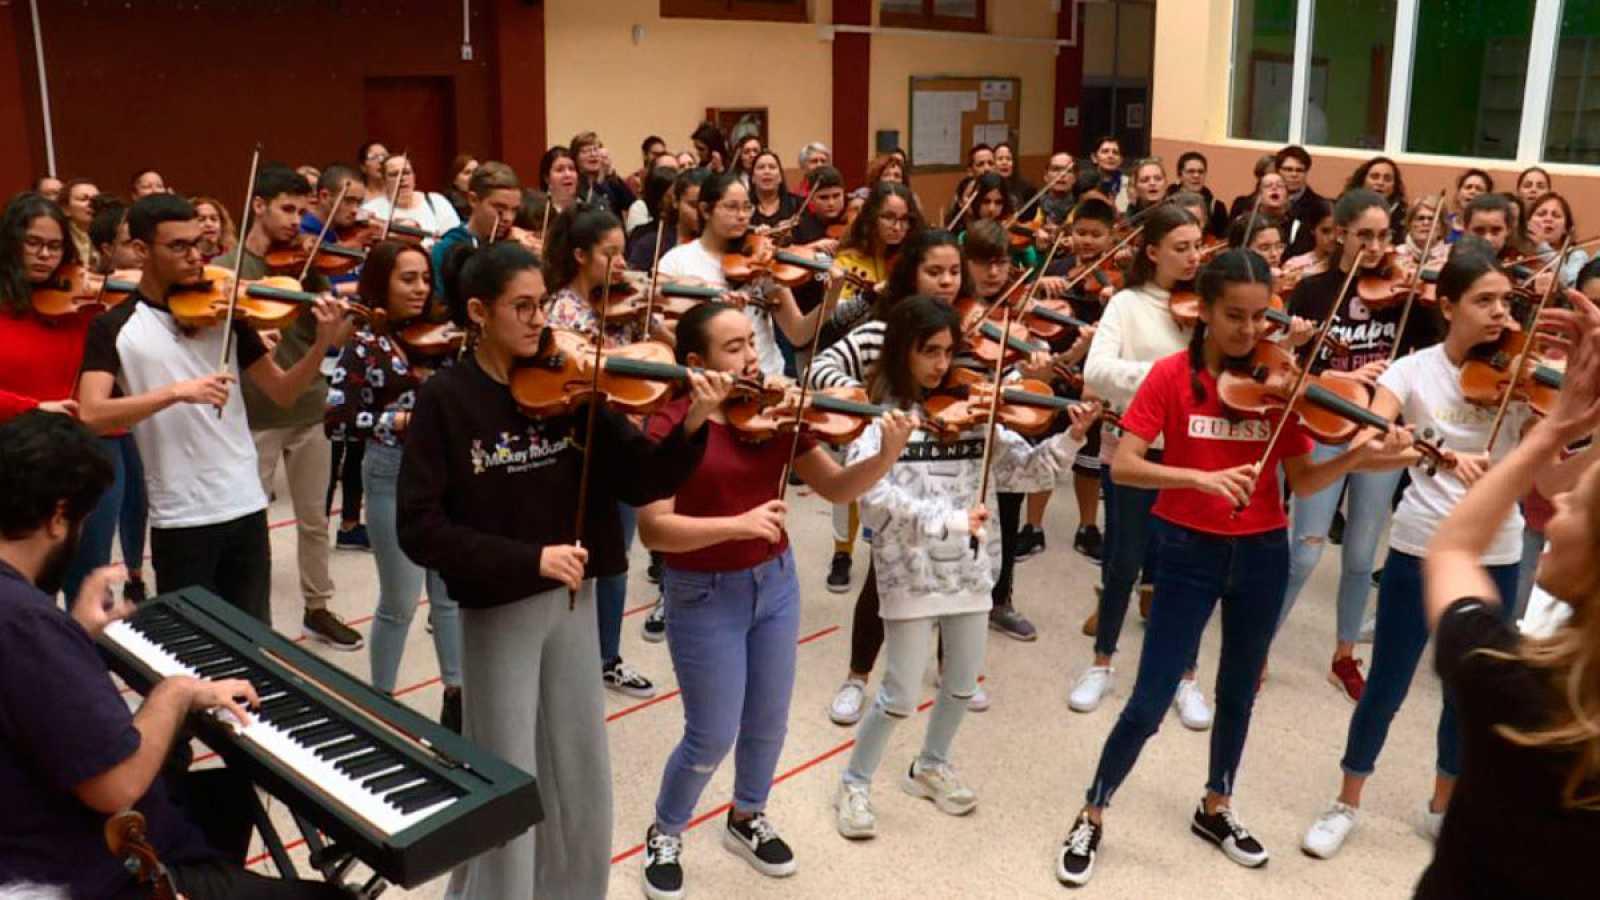 Repor - La revolución de los violines - Avance